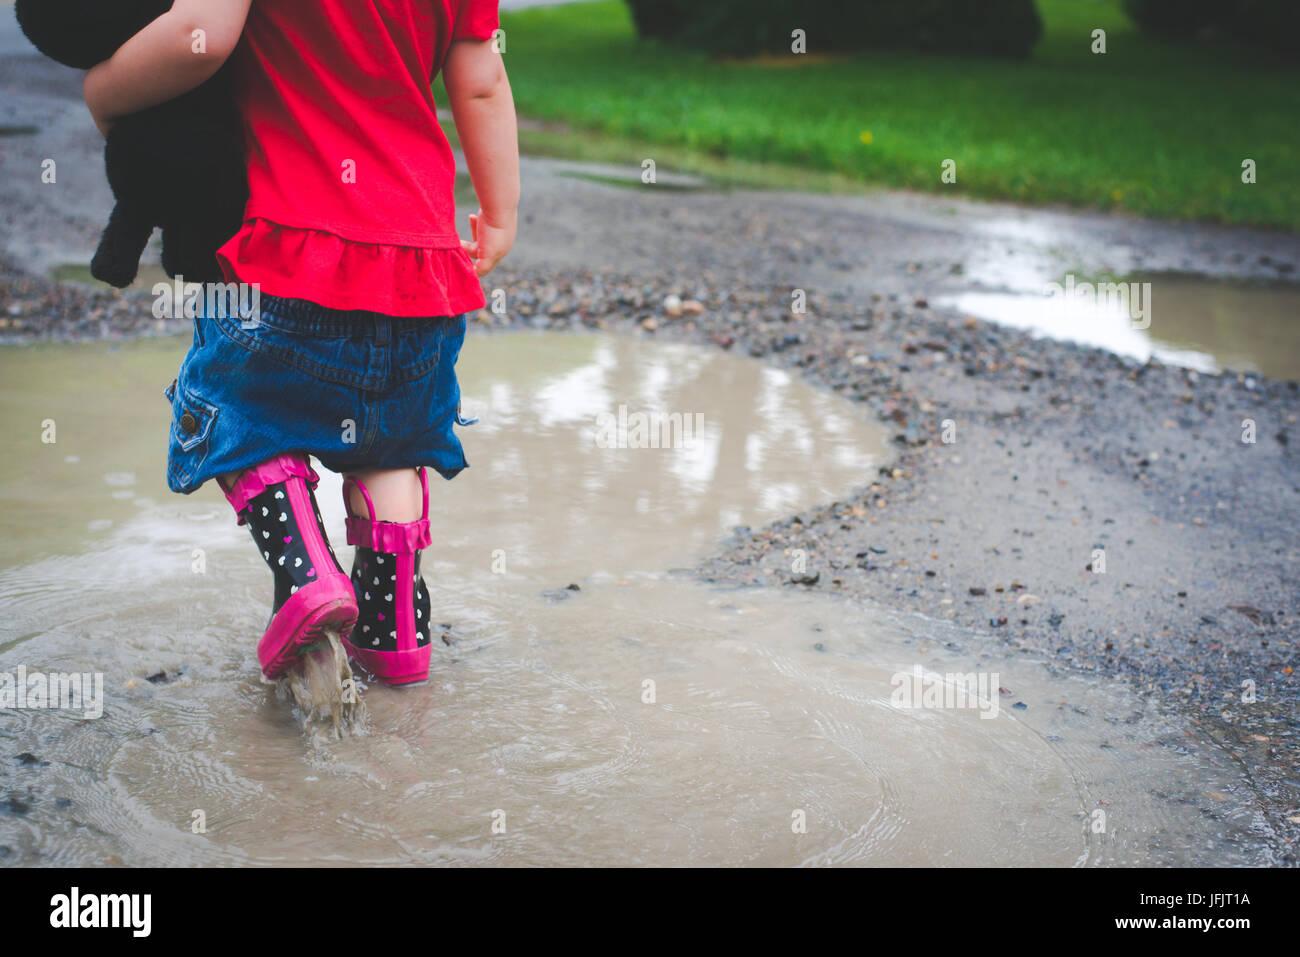 Una giovane ragazza entra in una pozza di fango con stivali da pioggia di indossamento rosso e tenendo un piccolo Immagini Stock